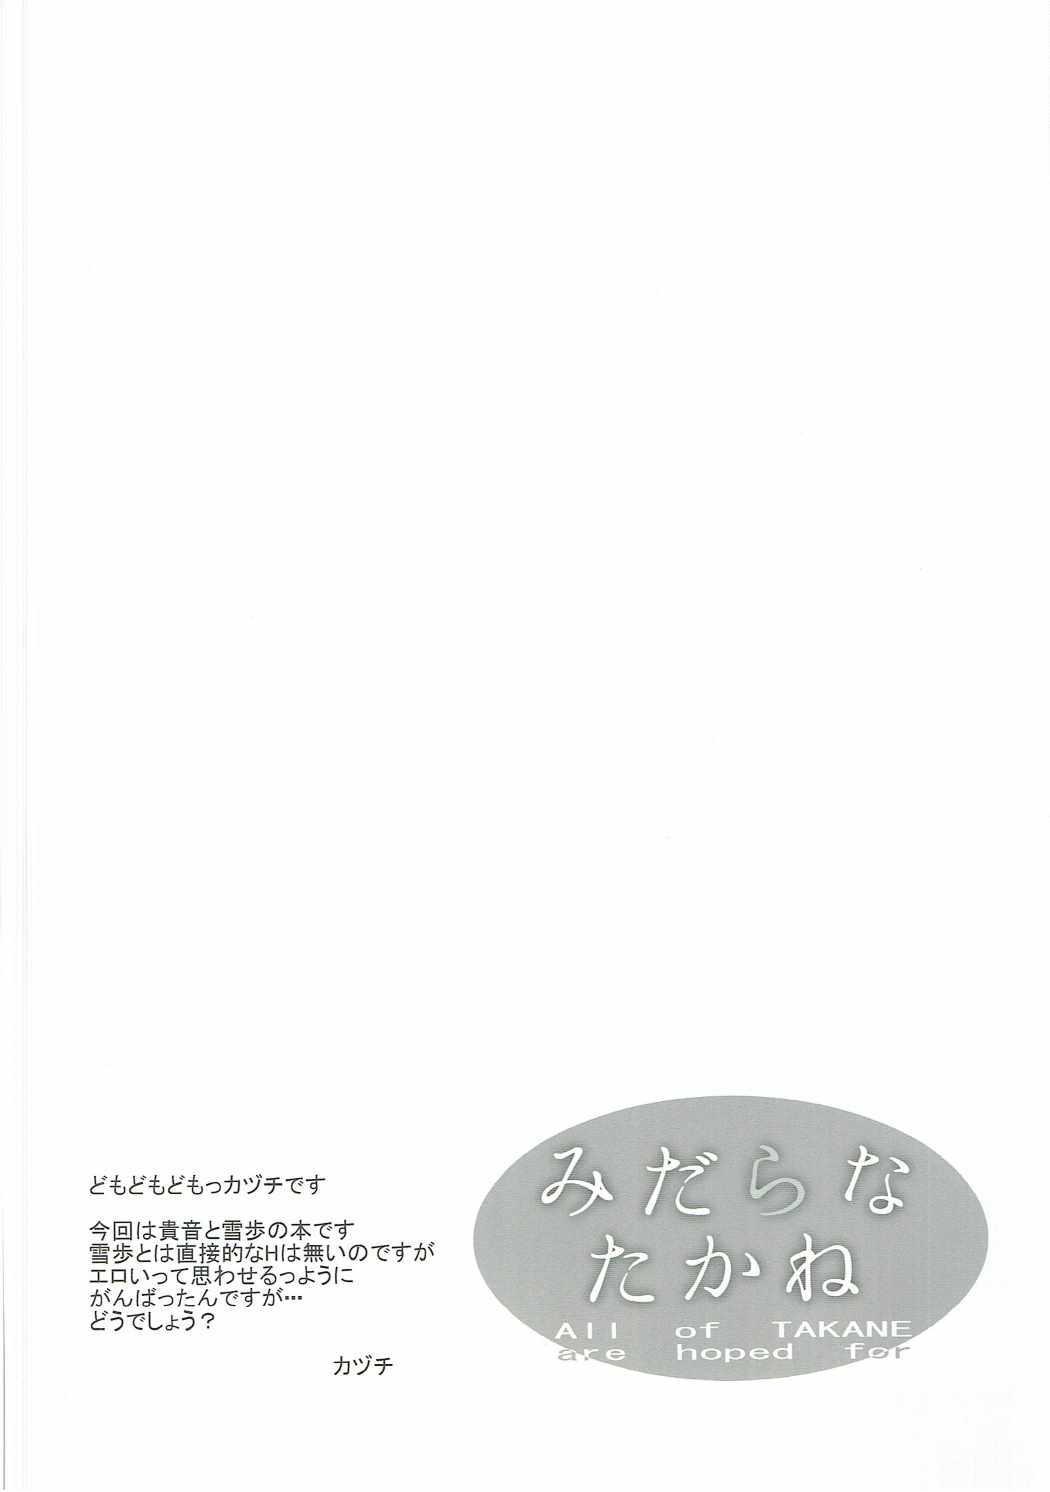 Midara na Takane 2